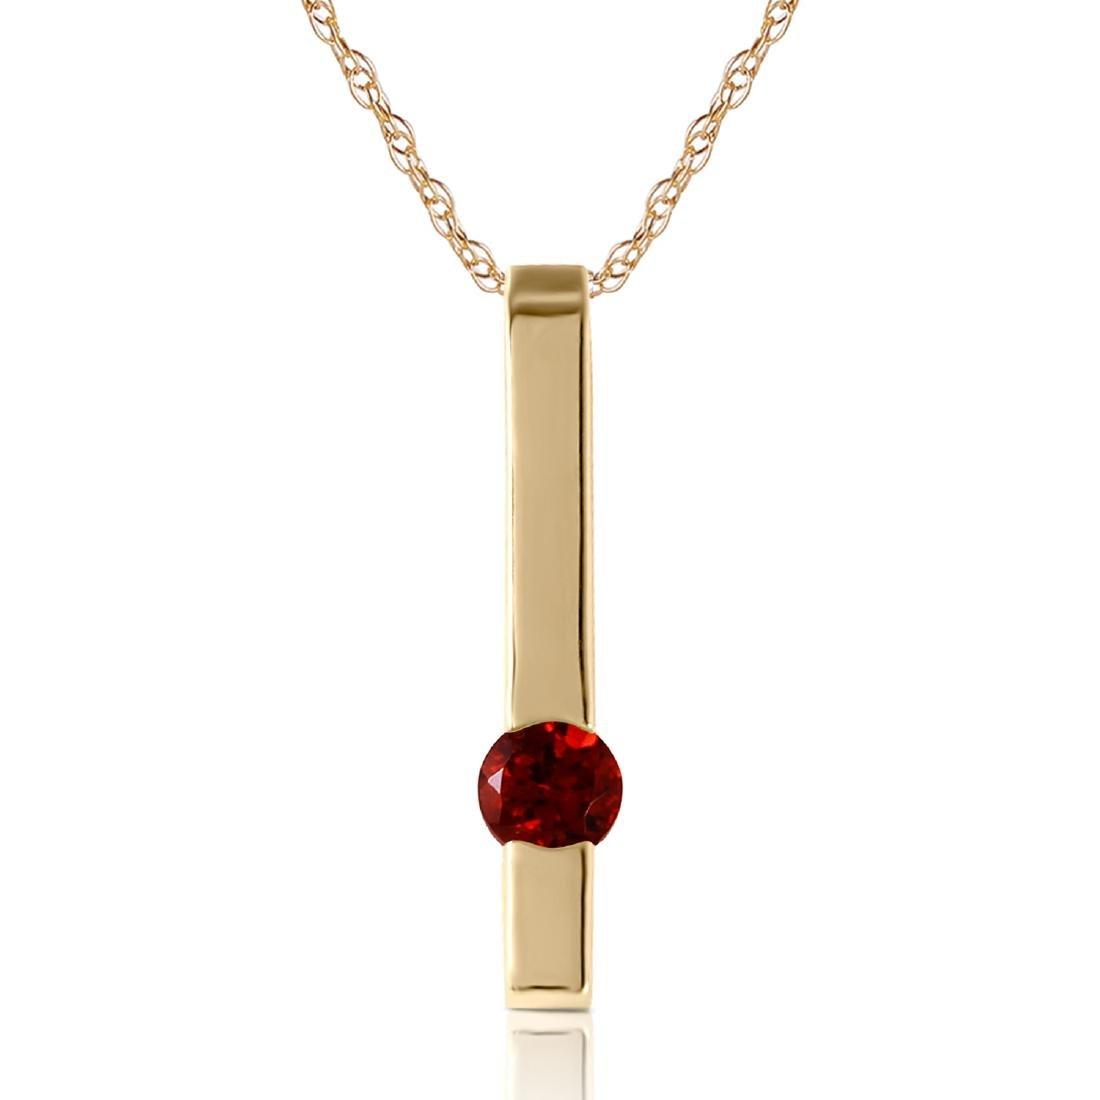 Genuine 0.25 ctw Garnet Necklace Jewelry 14KT Yellow